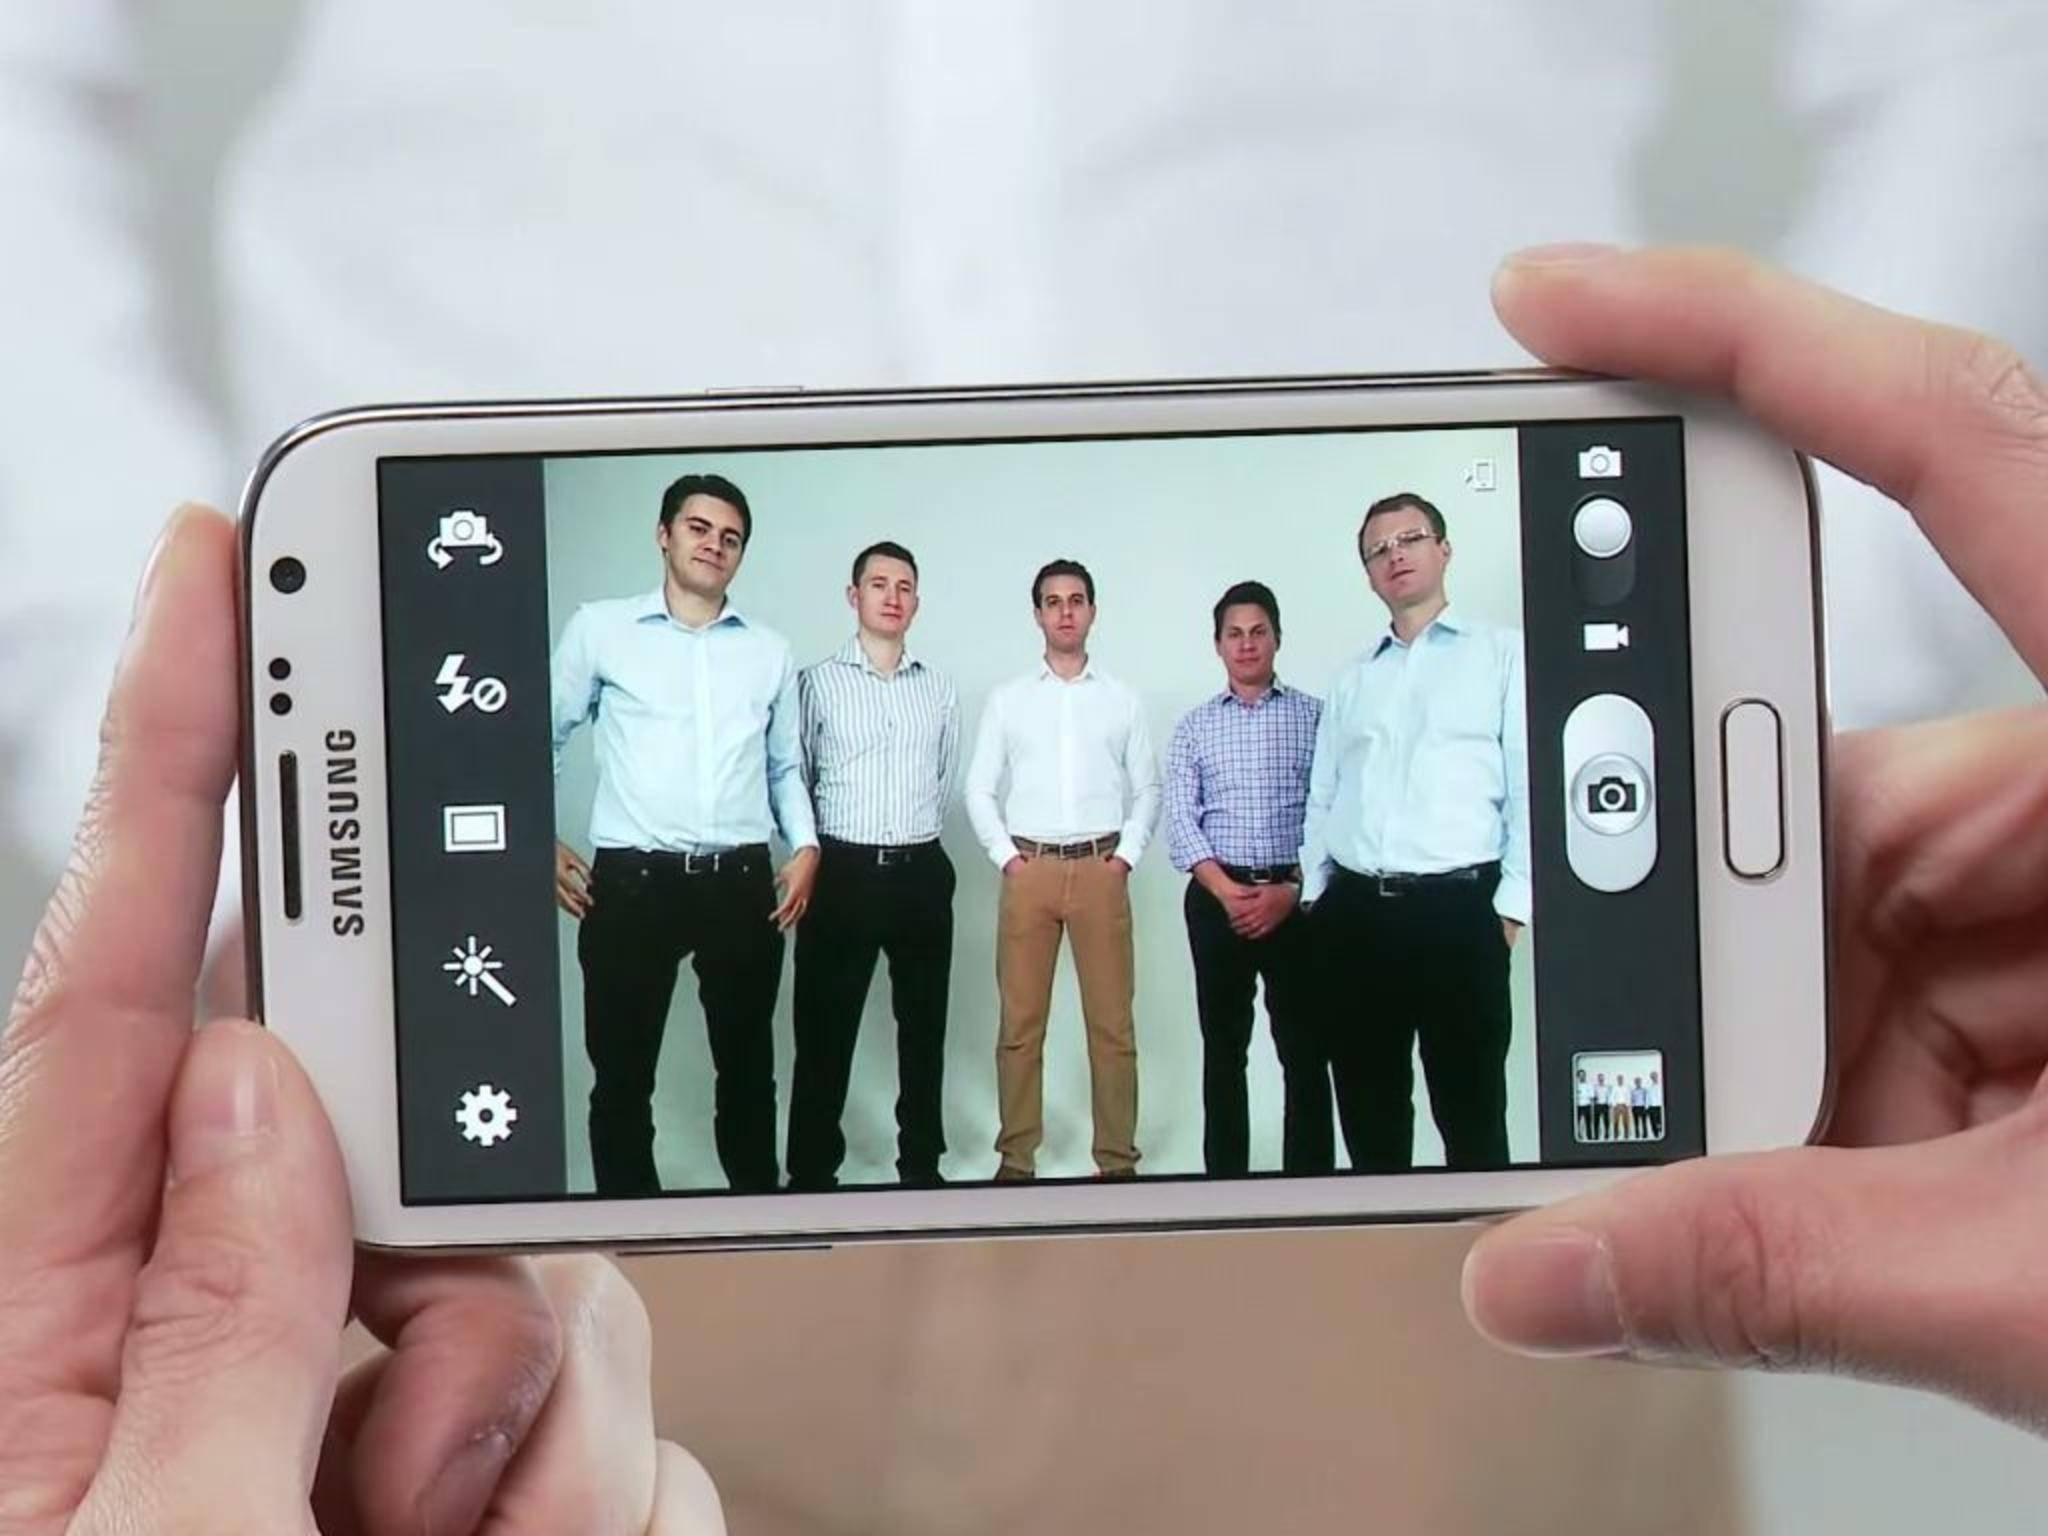 Zwei Jahre alt: Bekommt das Galaxy Note 2 wirklich noch ein Android-Update?